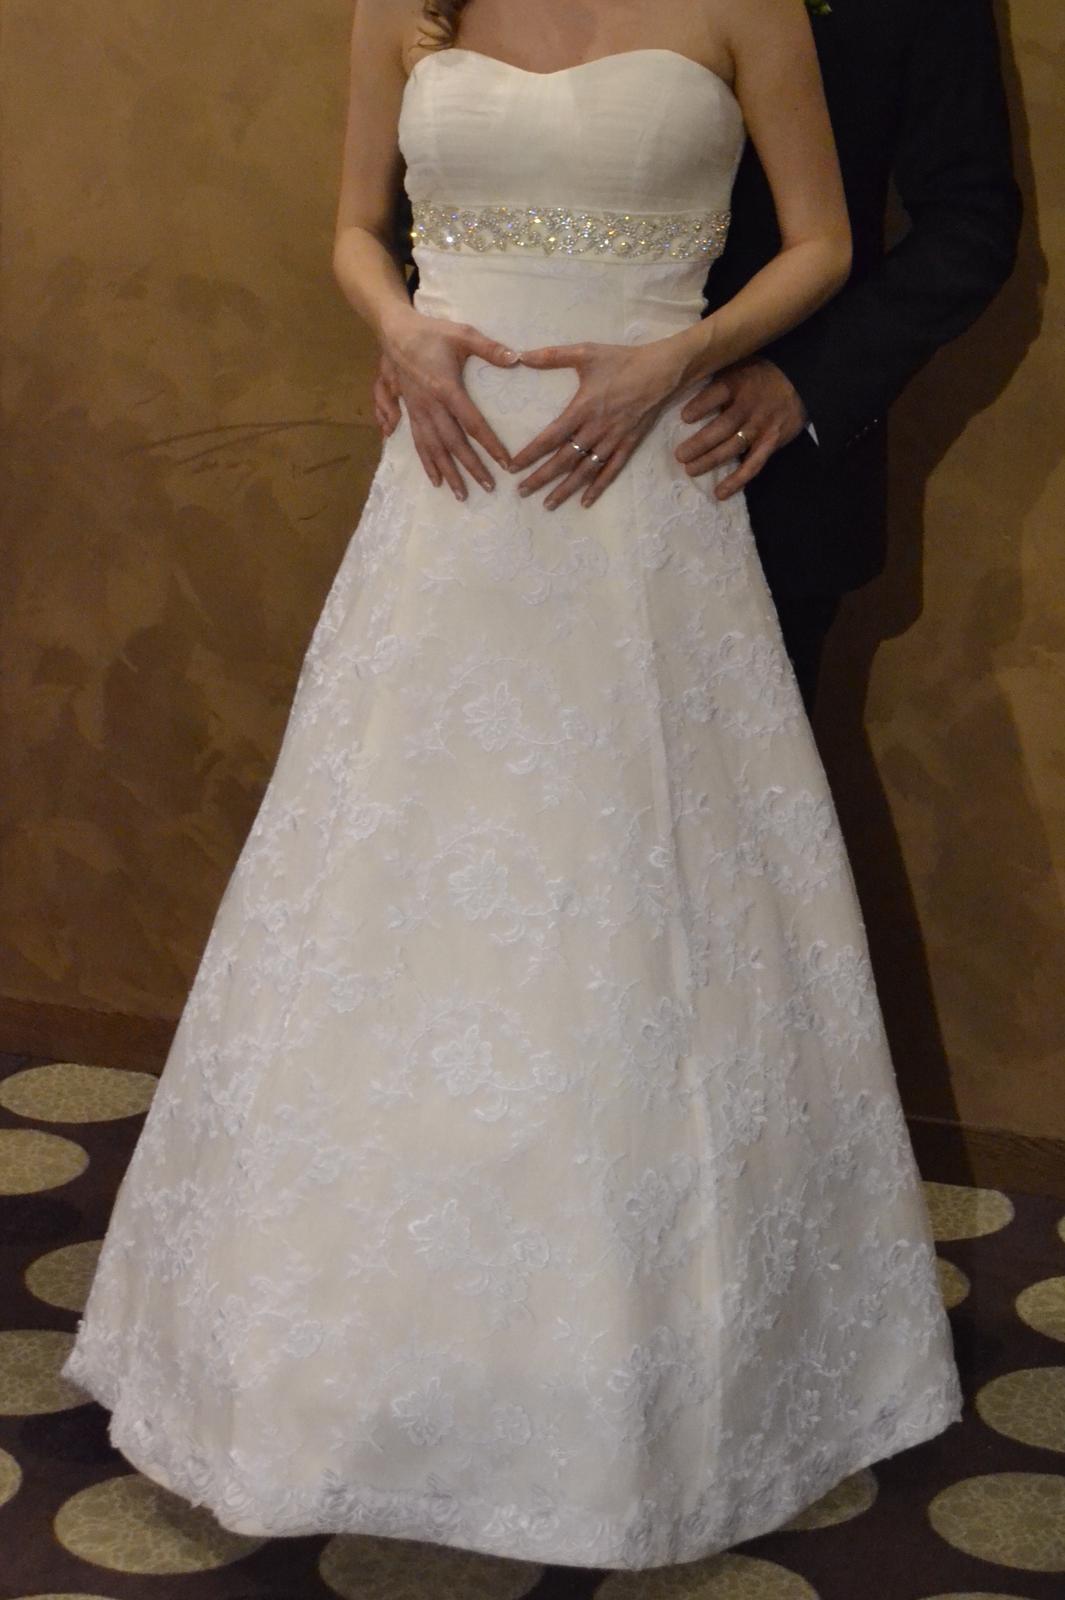 Čipkované svadobné šaty + darček (závoj,bolerko) - Obrázok č. 2